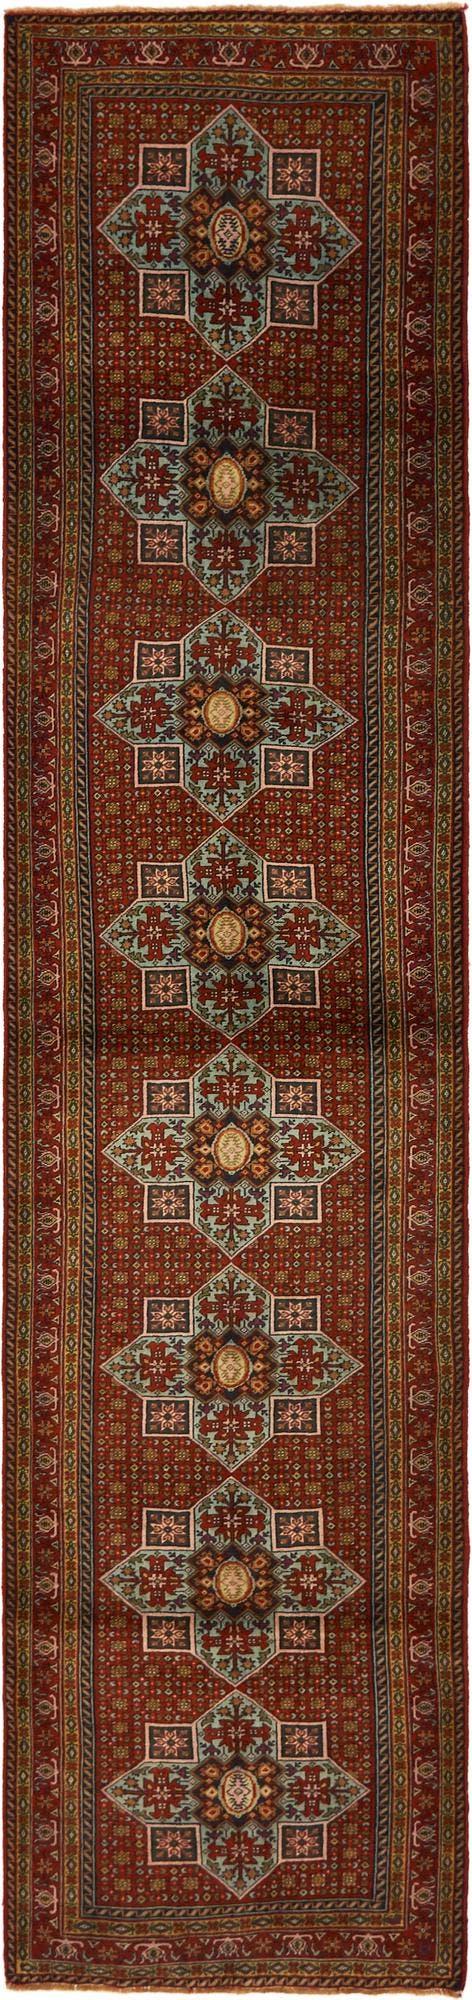 2' 10 x 13' 2 Ardabil Persian Runner Rug main image